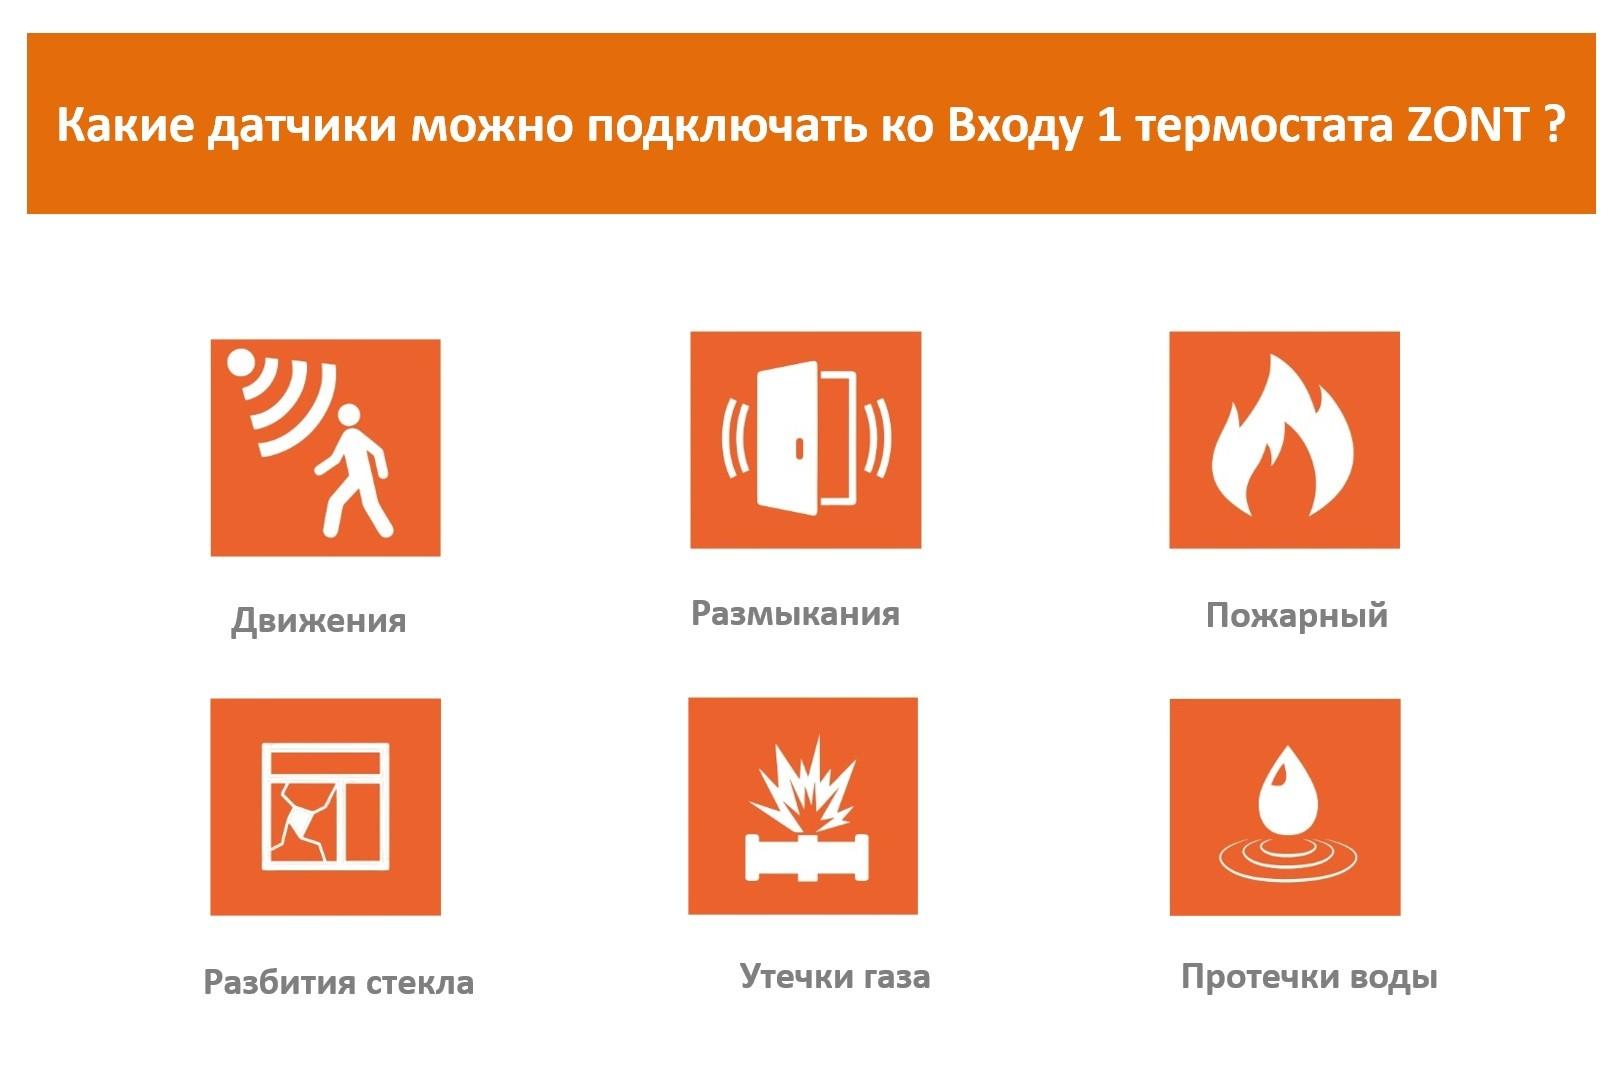 Датчики: какие и как подключаются к термостатам ZONT